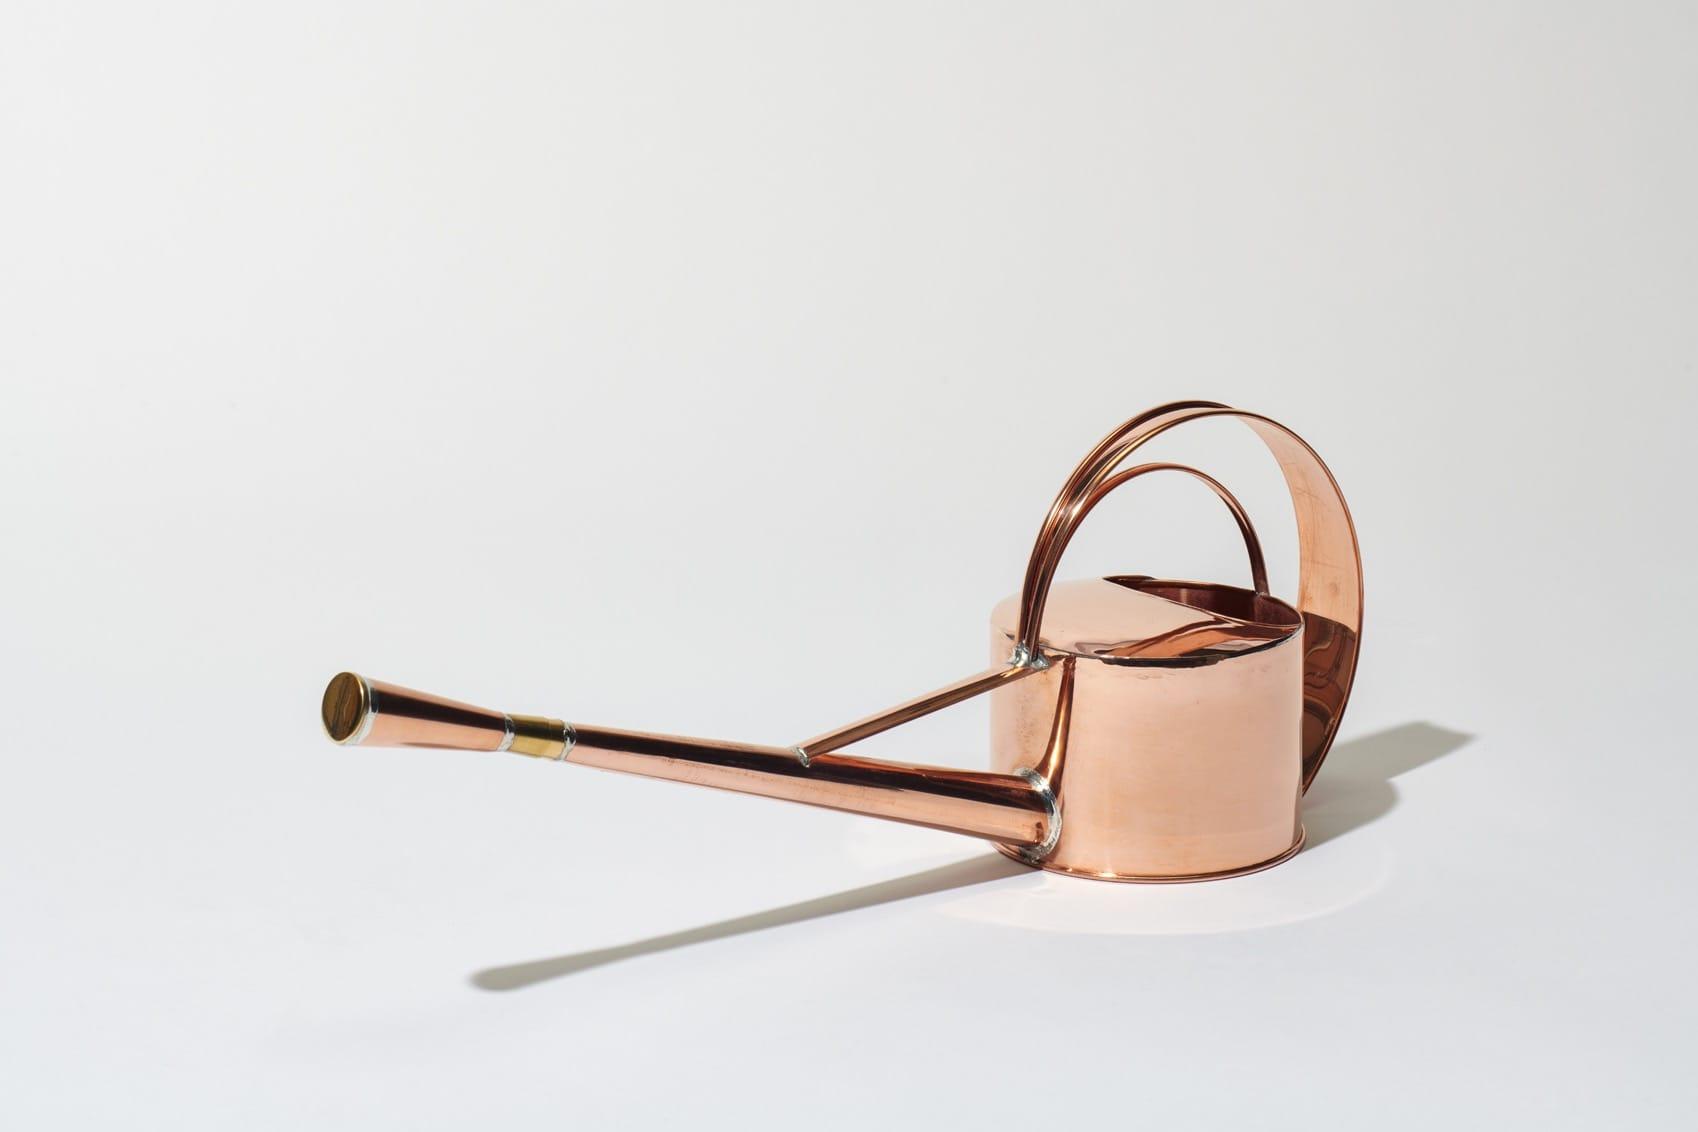 銅製タサ如雨露 物撮り